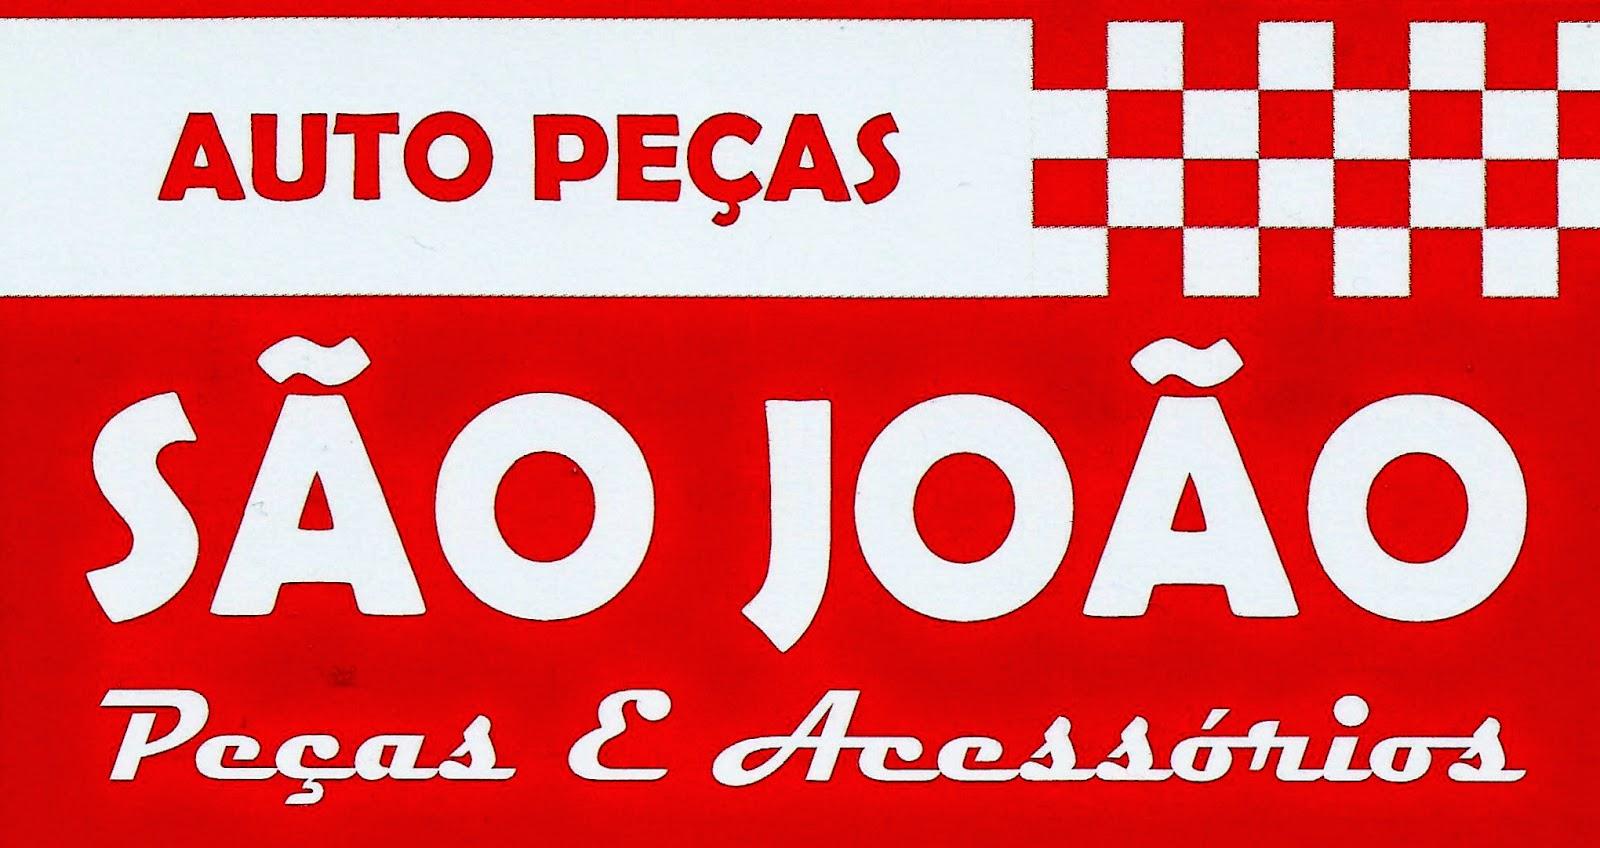 AUTO PEÇAS  SÃO JOÃO Av. São João, 542 Jardim Icatu - Votorantim - SP e-mail: saojoaoautopecas@hotmail.com Site: www.autopecassaojoao.com.br tel: (15) 3243-2118 / 3247-7344 Nextel: 960*284